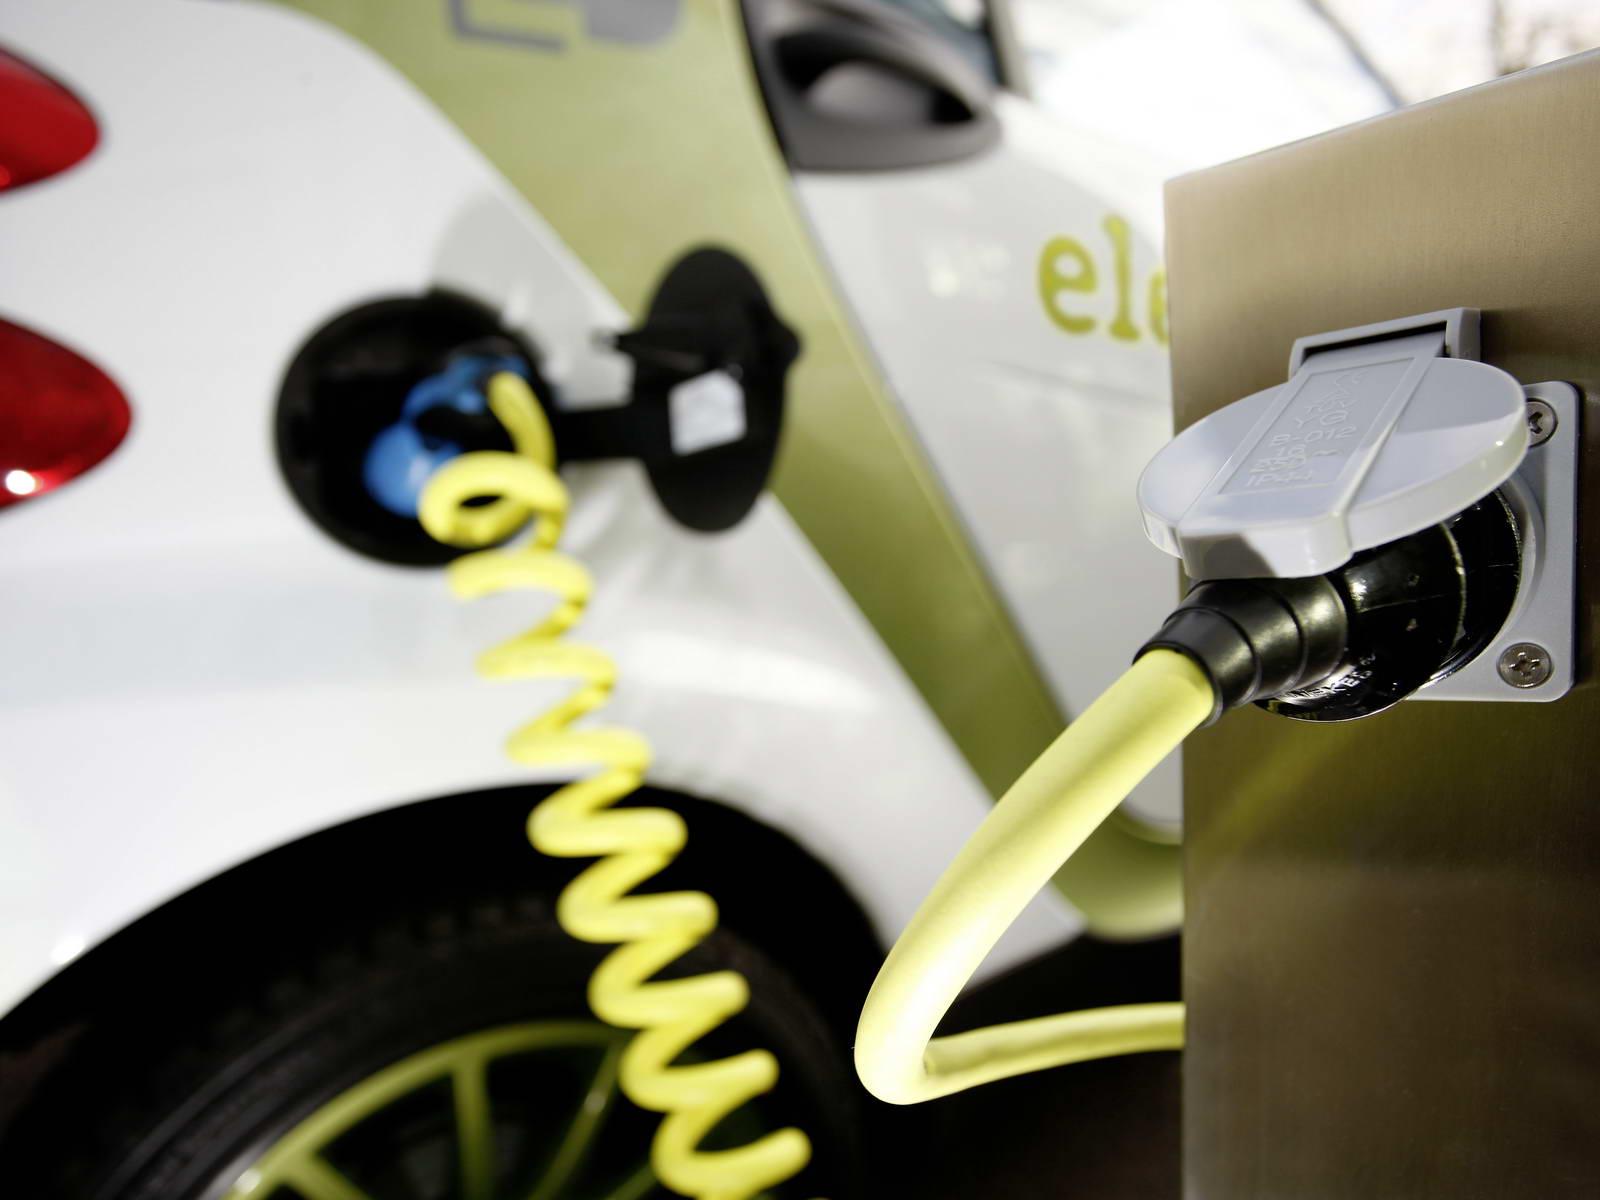 El fomento del coche eléctrico dispondrá de 10 millones en 2013 en España